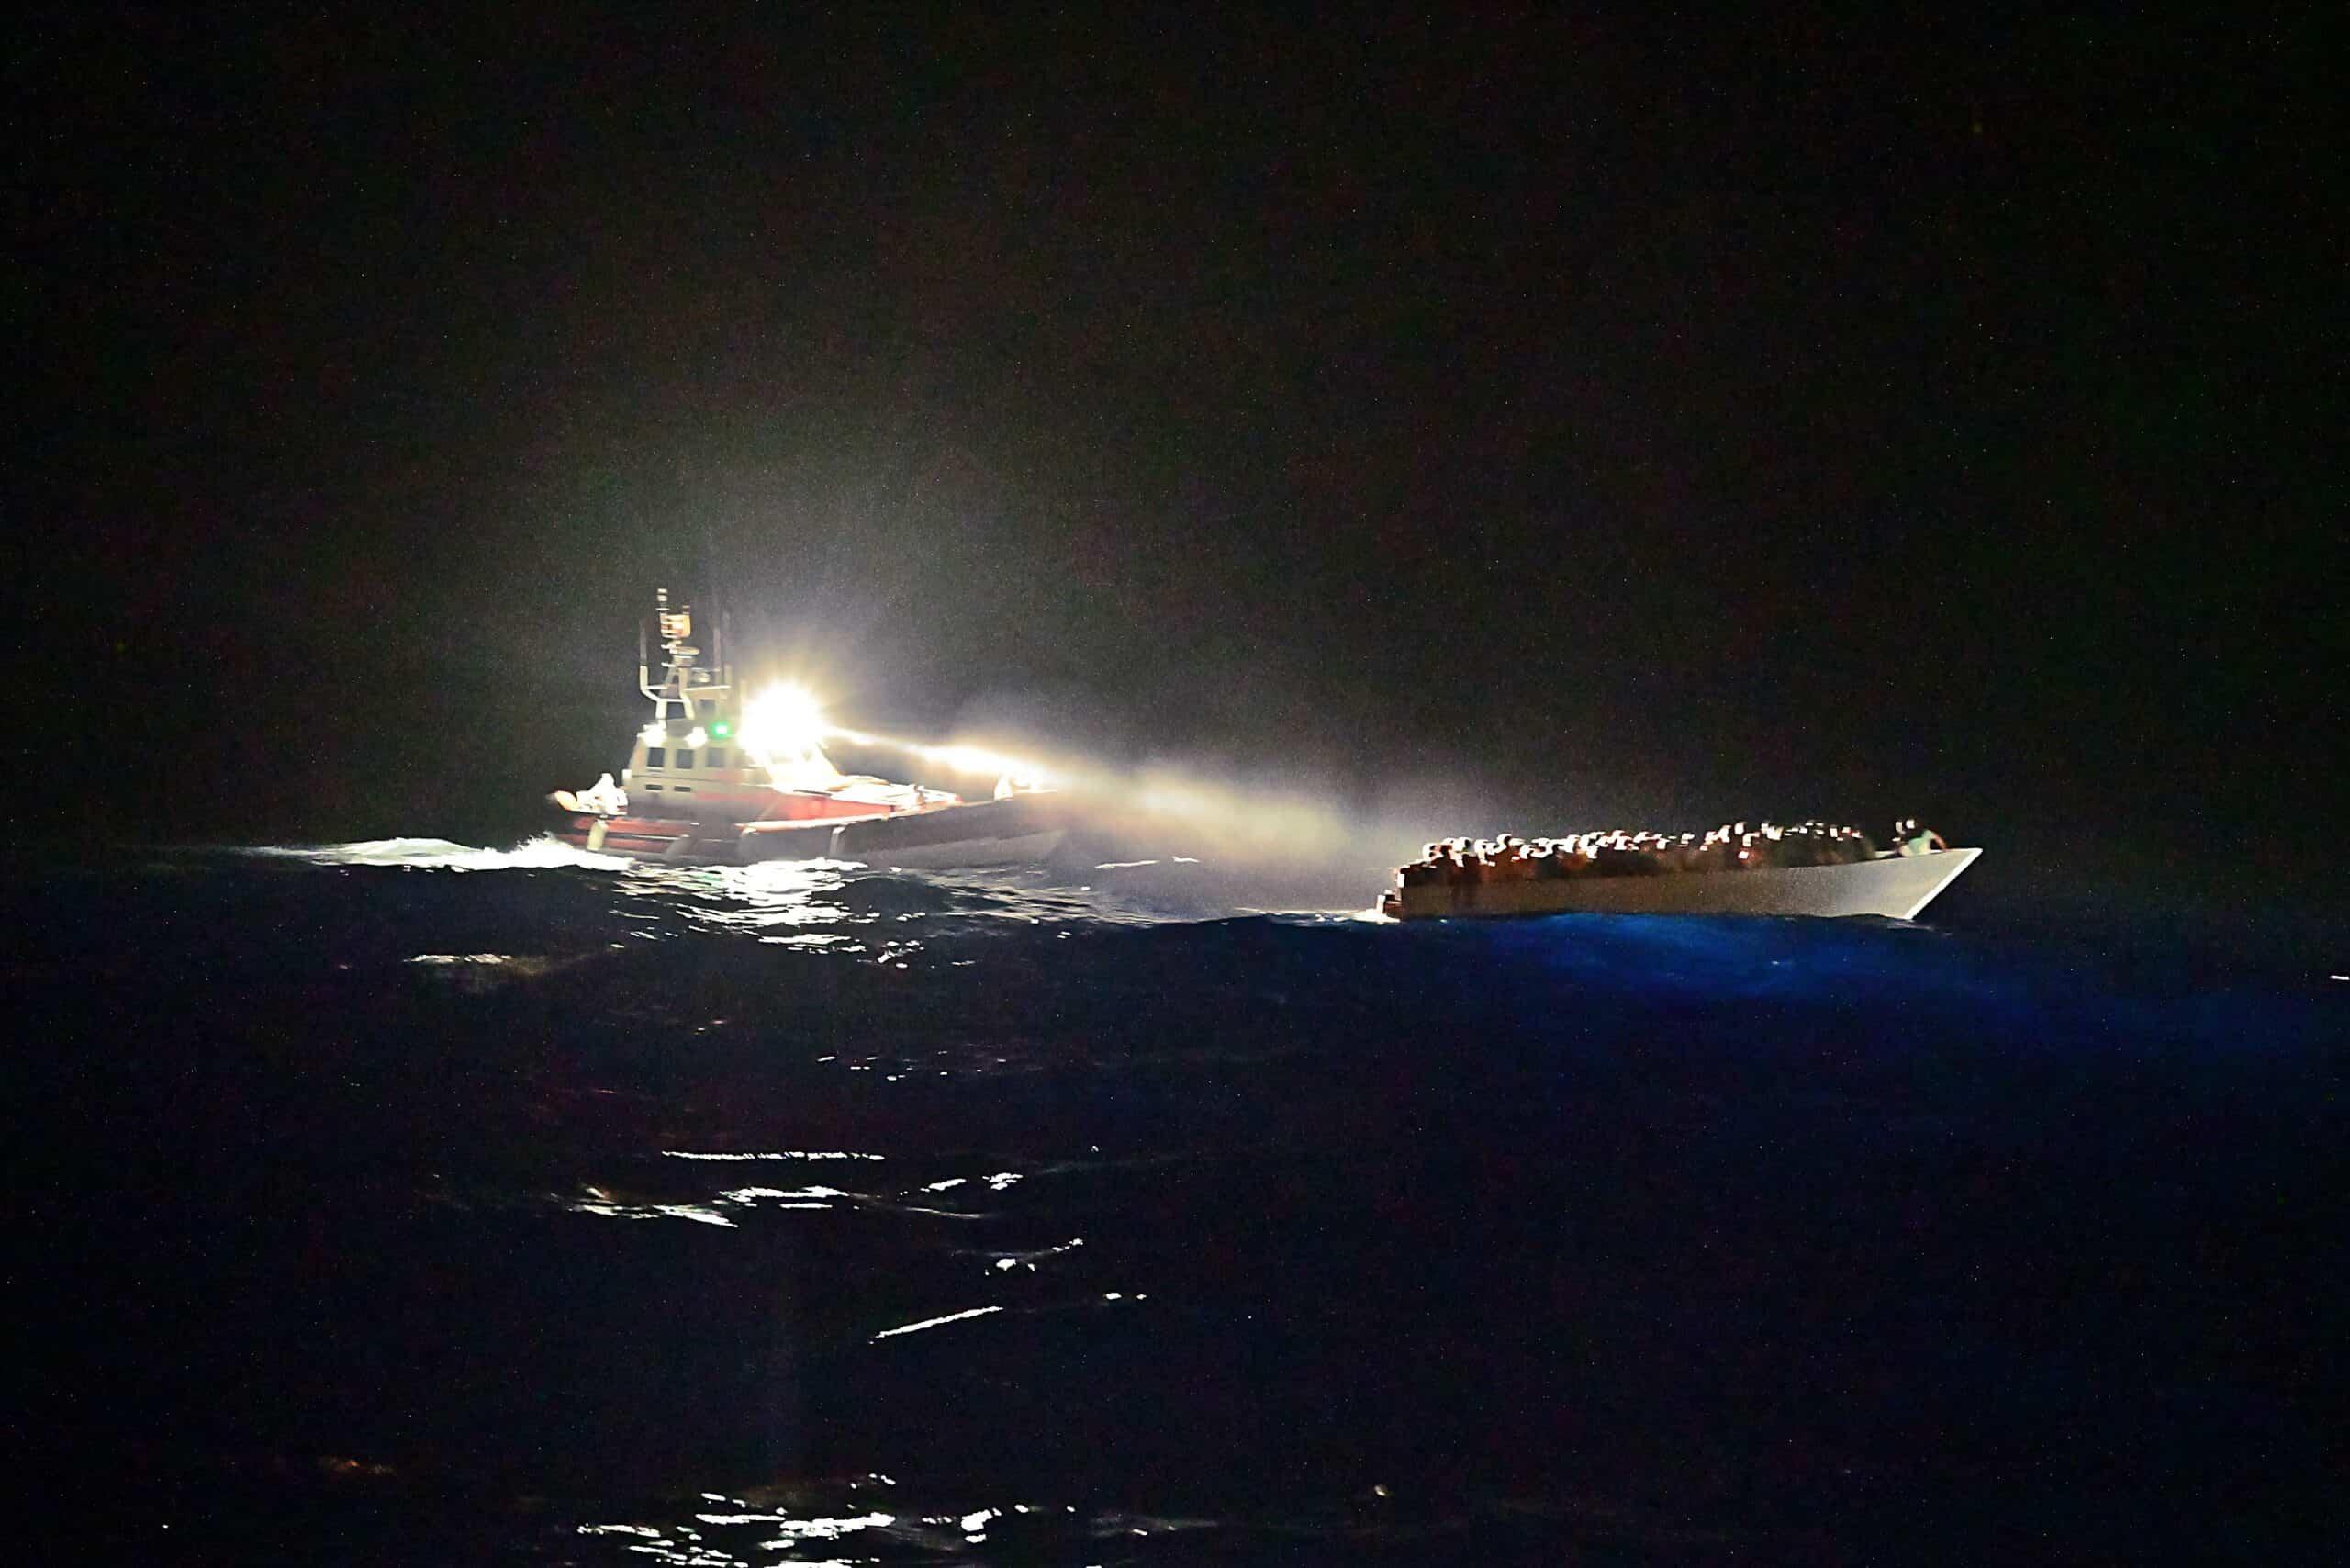 Übergabe an italienische Küstenwache nachts